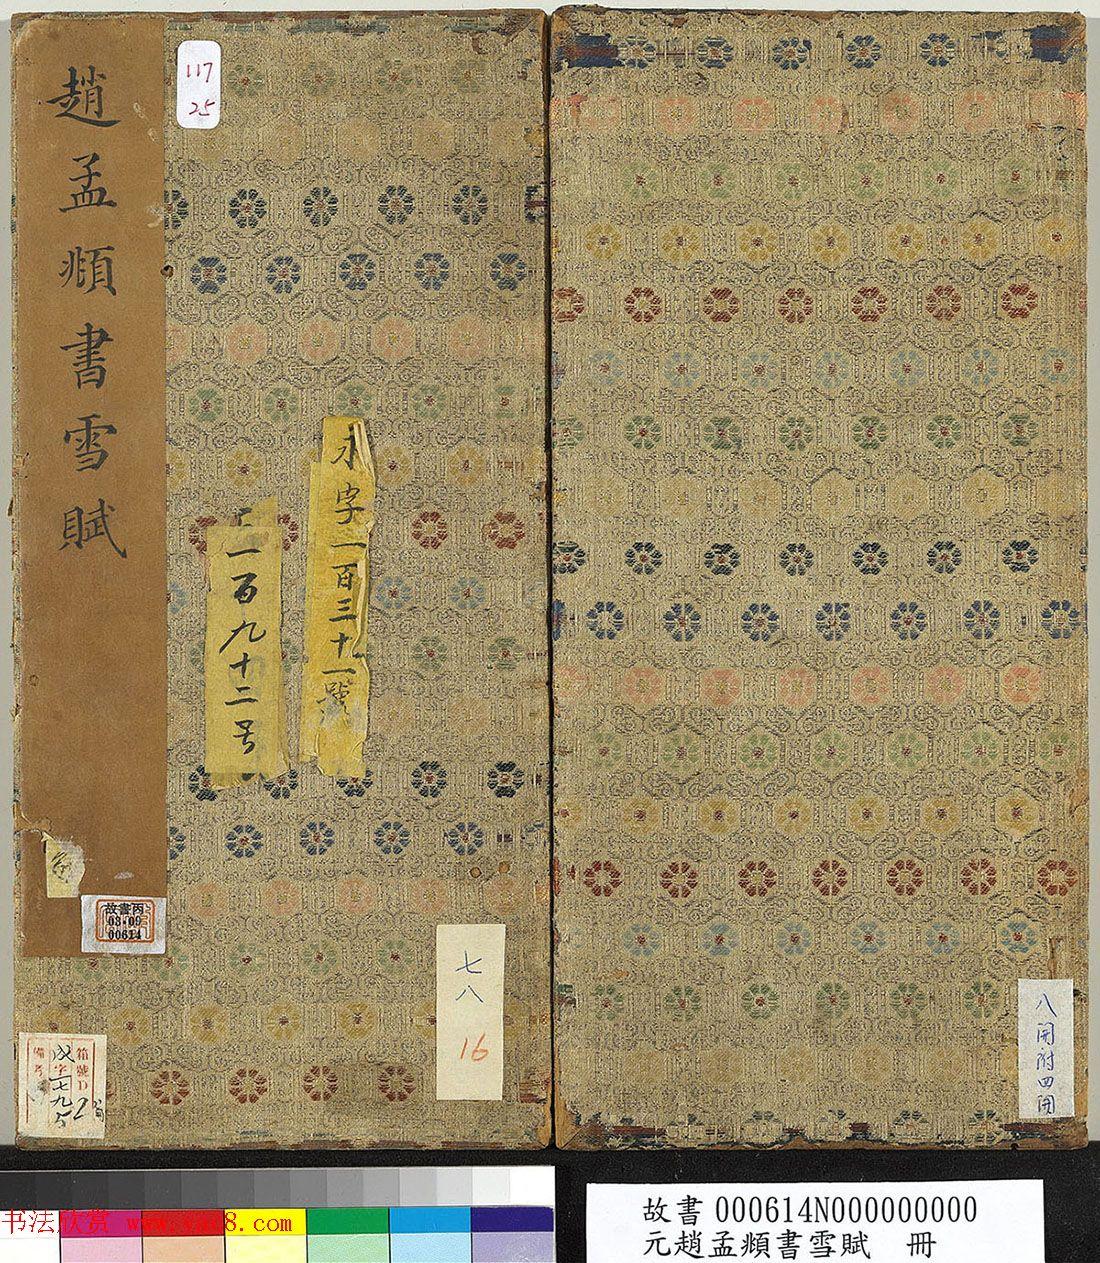 赵孟頫47岁书法《雪赋》册页